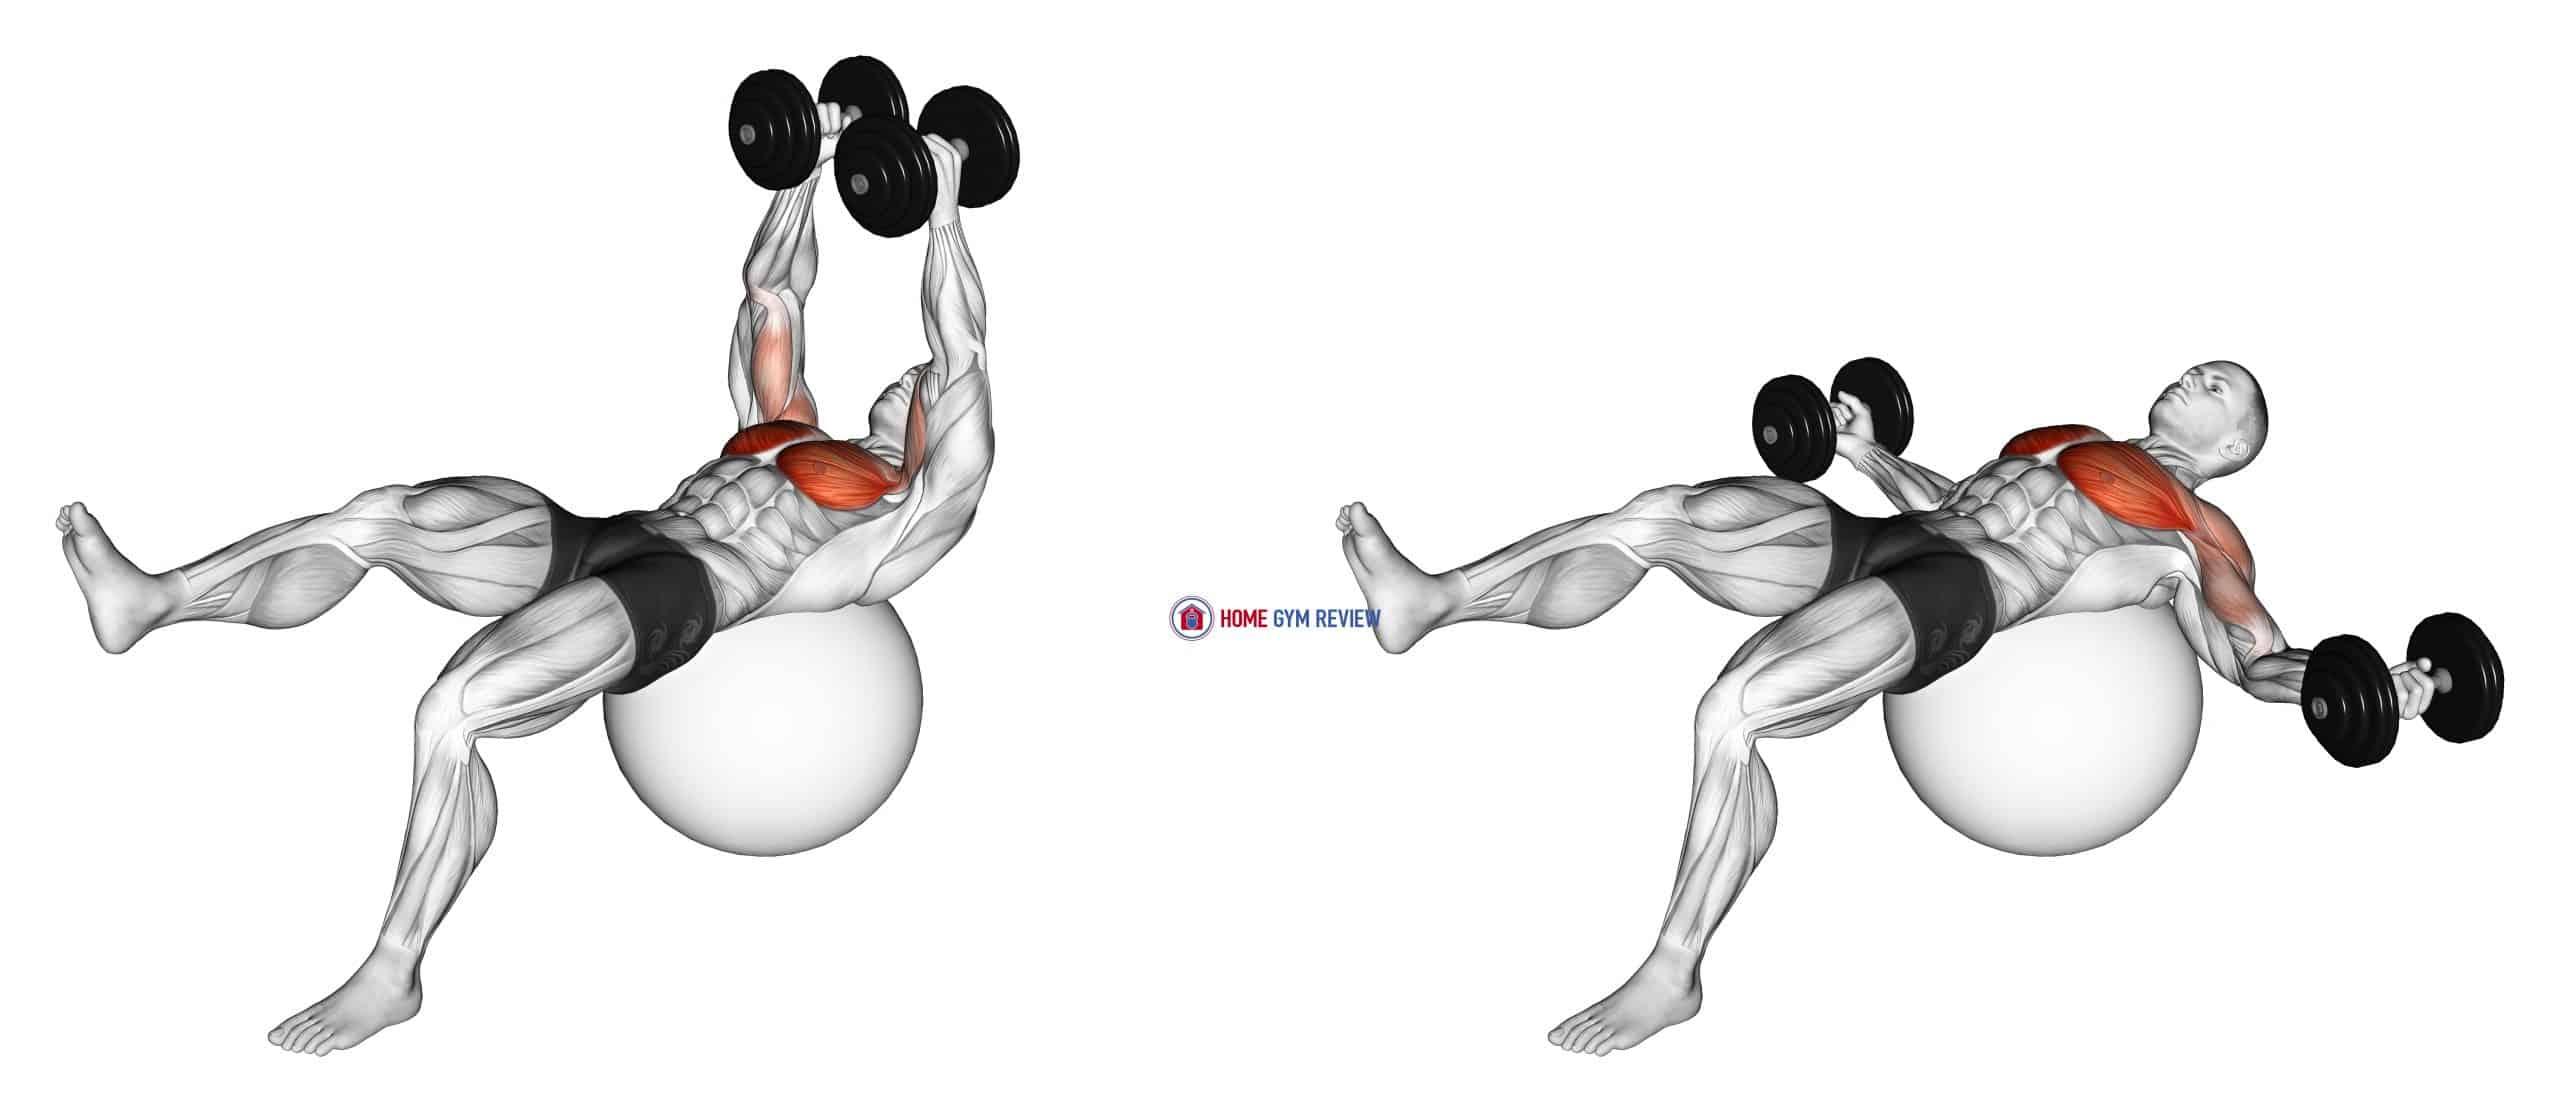 Dumbbell One Leg Fly on Exercise Ball